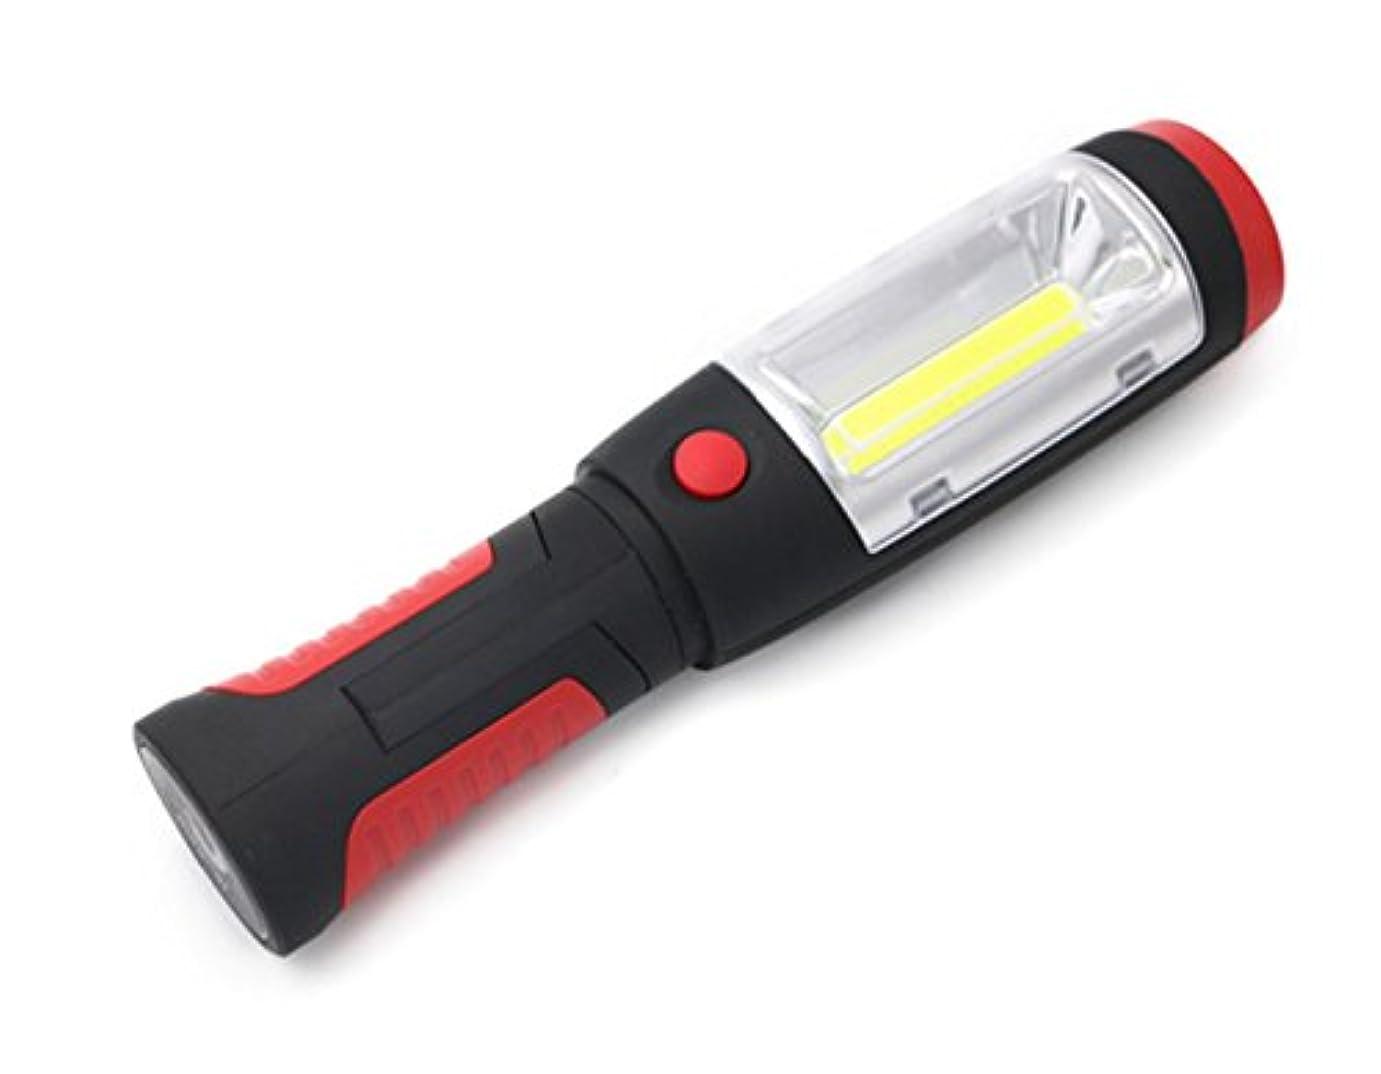 ガロン簡単に動力学SUJESI LED懐中電灯 ハンディライト 超高輝度 ズーム式 2モード切替 アウトドア 強力 防水 防災 軍用